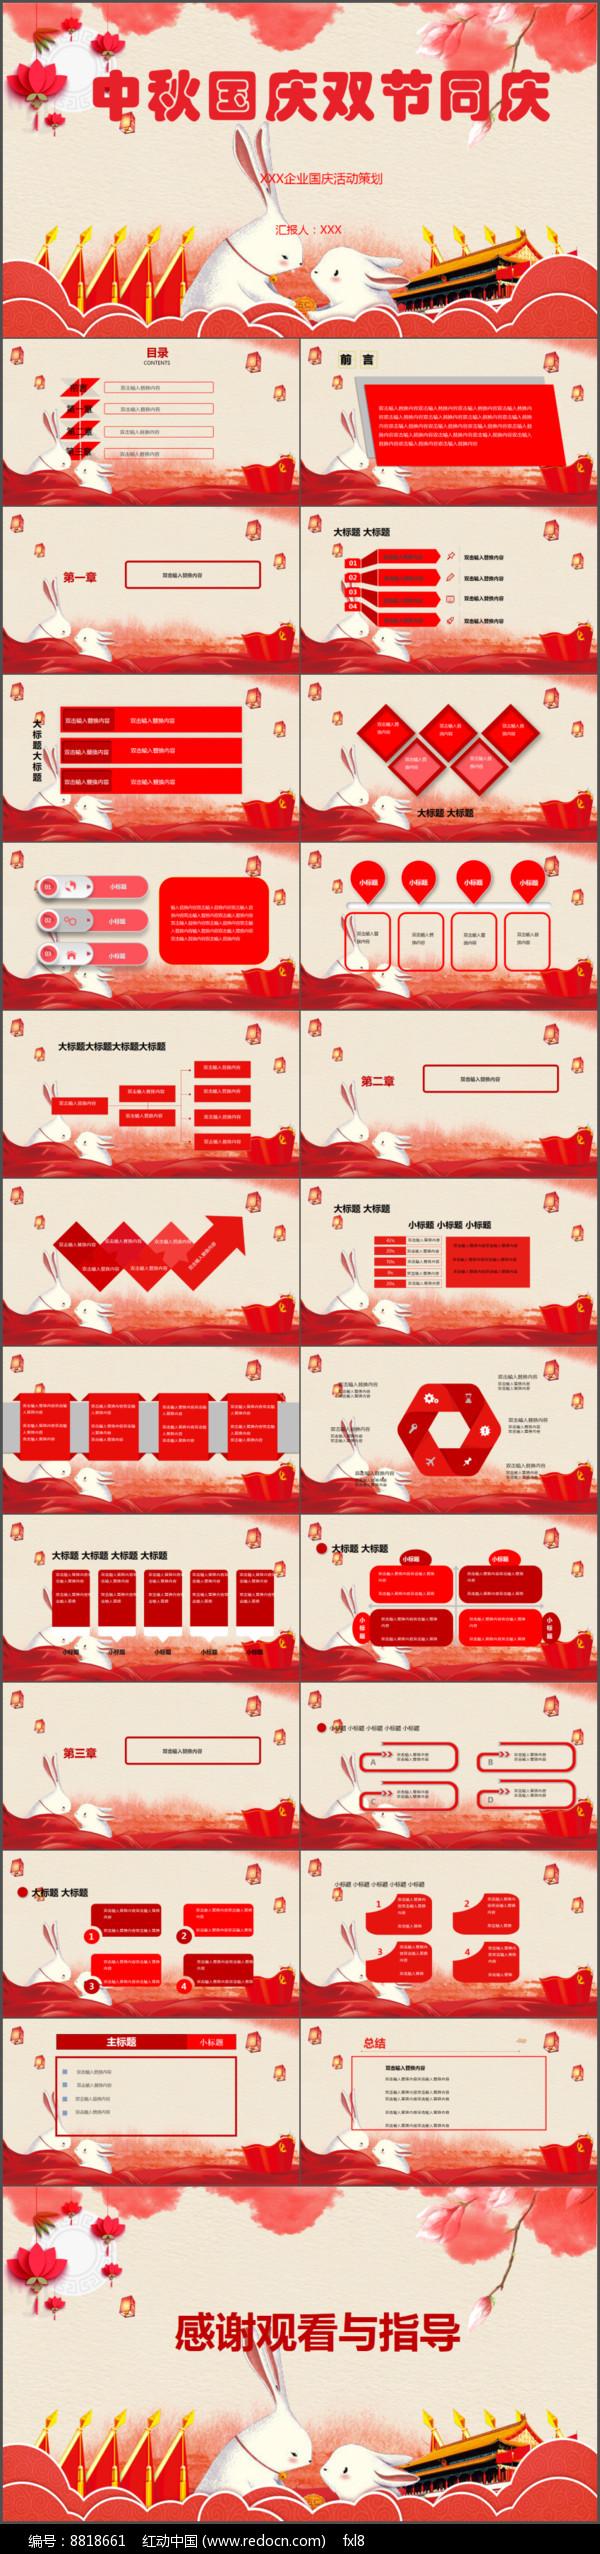 红色中秋国庆策划PPT模板图片